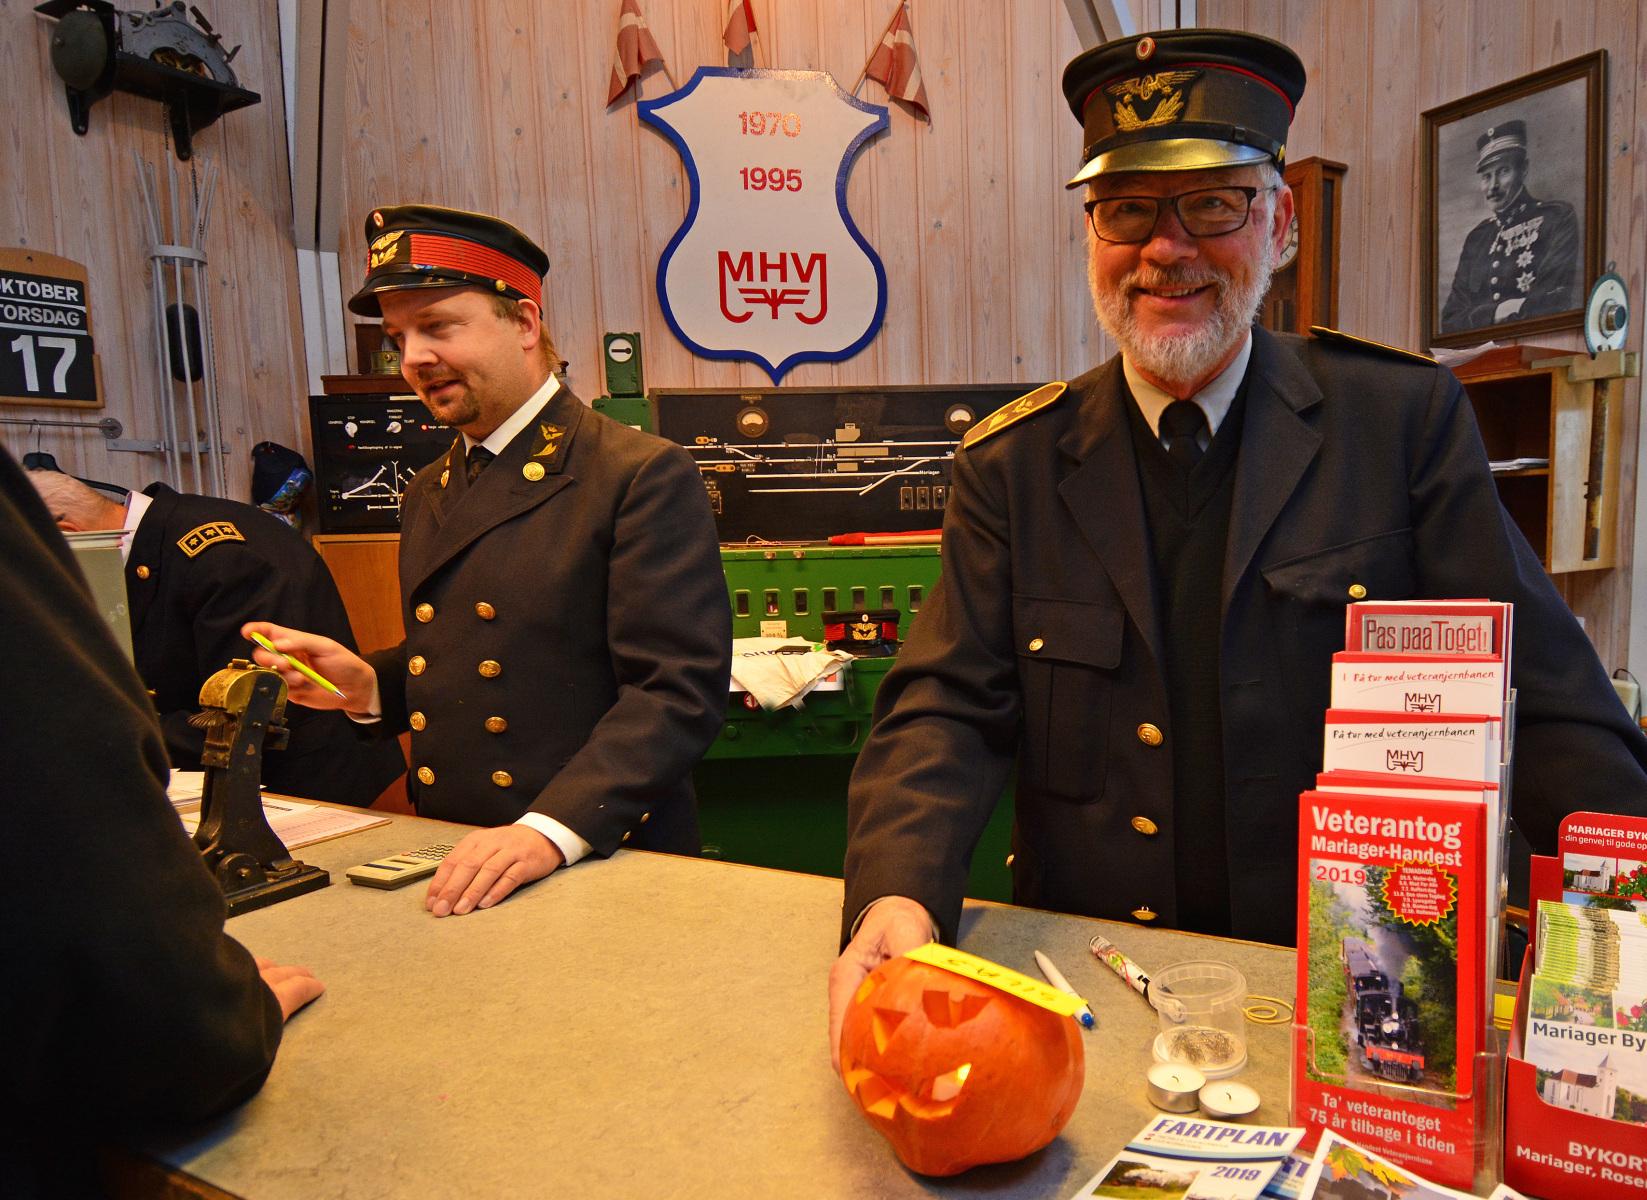 Der-saelges-Halloween-billetter-paa-kontoret.-Foto-Asger-Christiansen